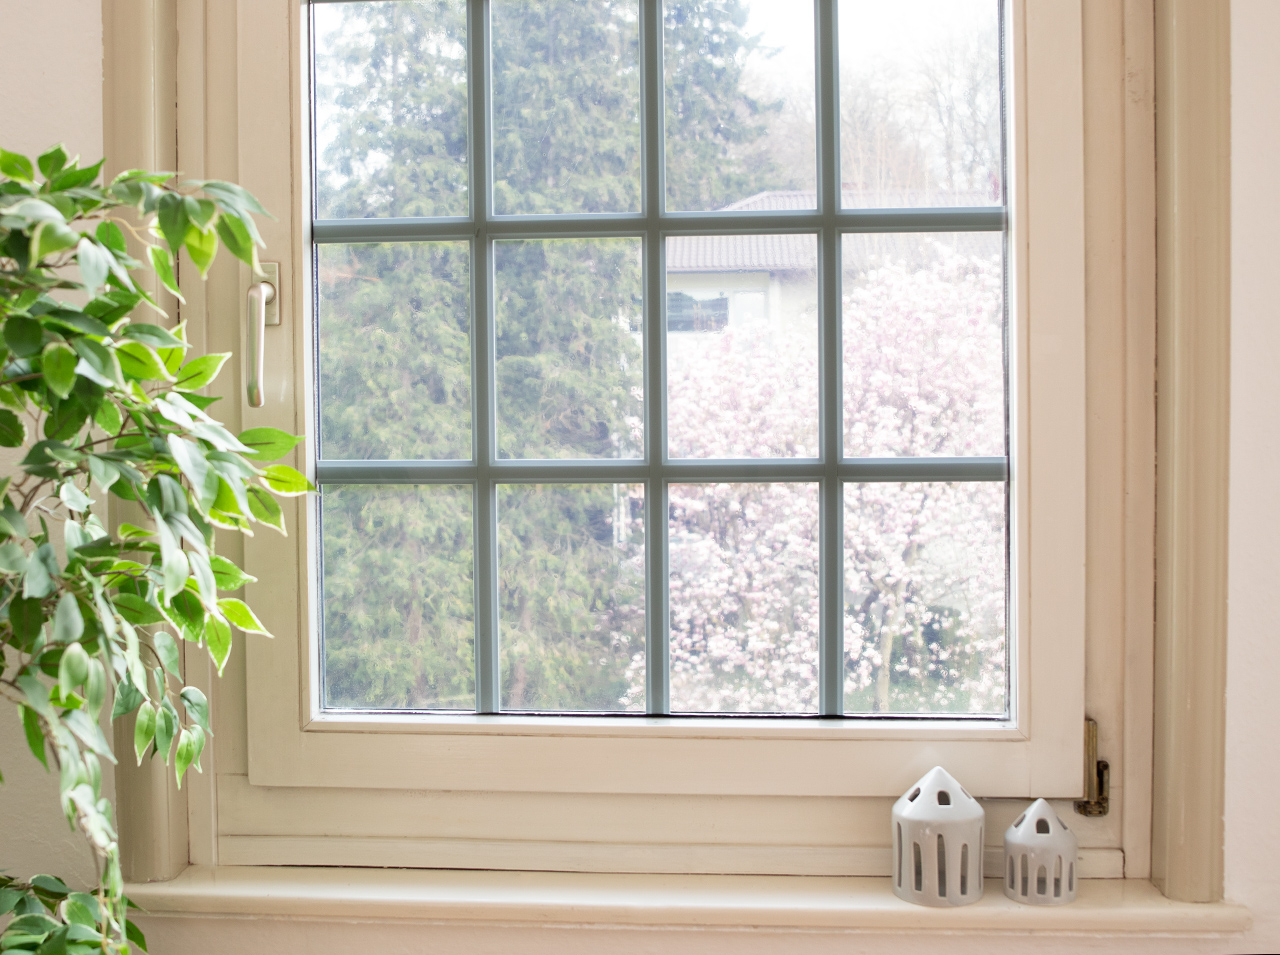 Une fenêtre recouverte d'un film de protection solaire statique d-c-fix® pour réduire efficacement le rayonnement solaire et la chaleur.